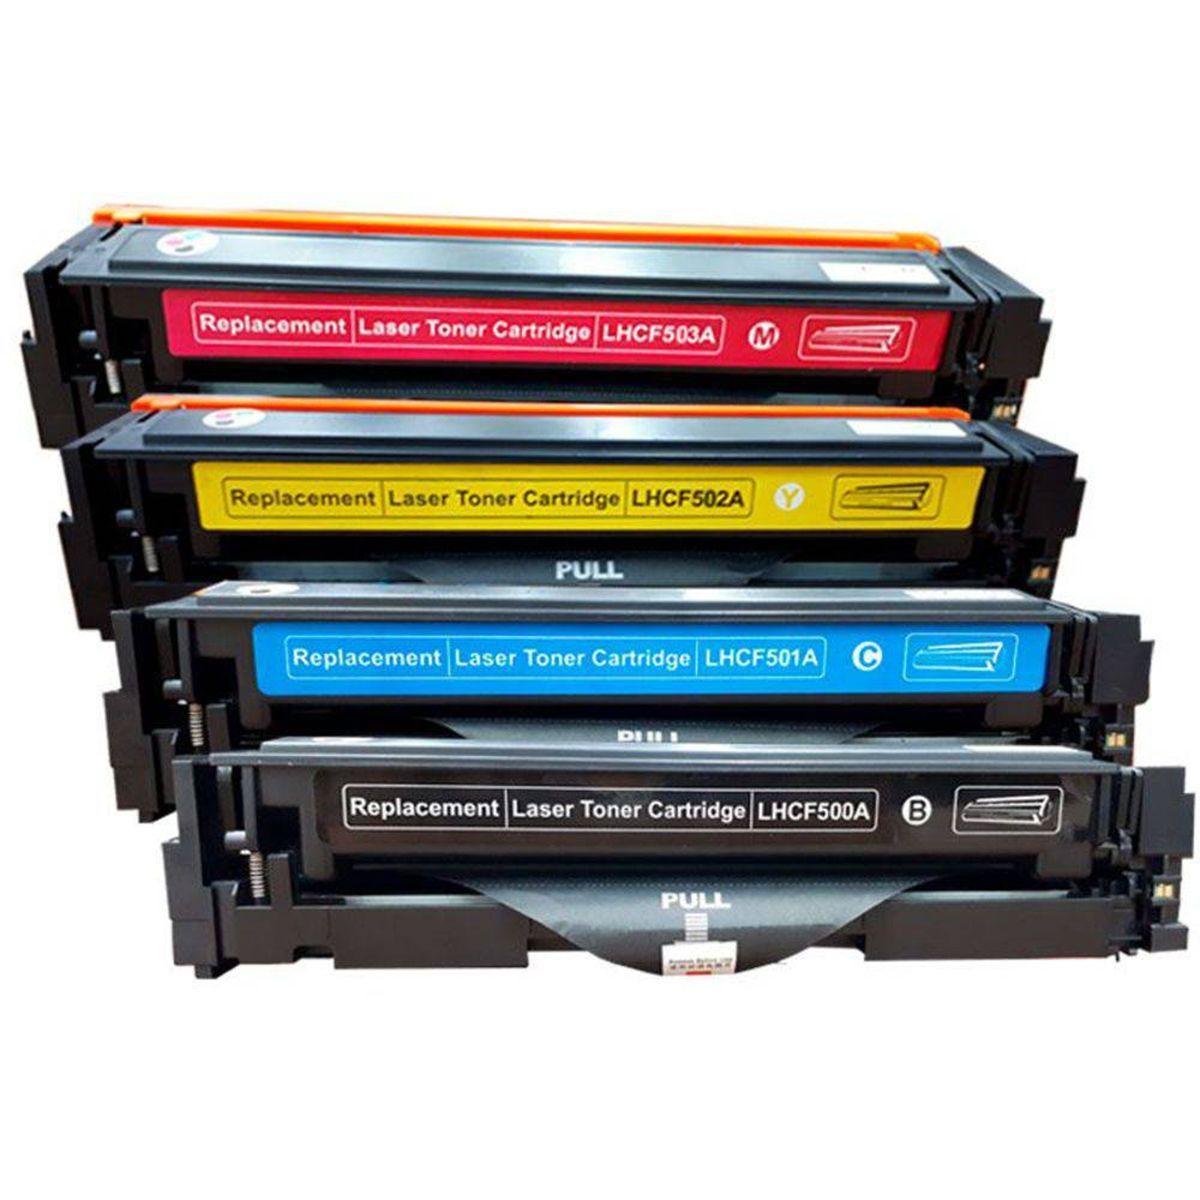 Kit 4 Toners 202a Cf500a Cf501a Cf502a Cf503a